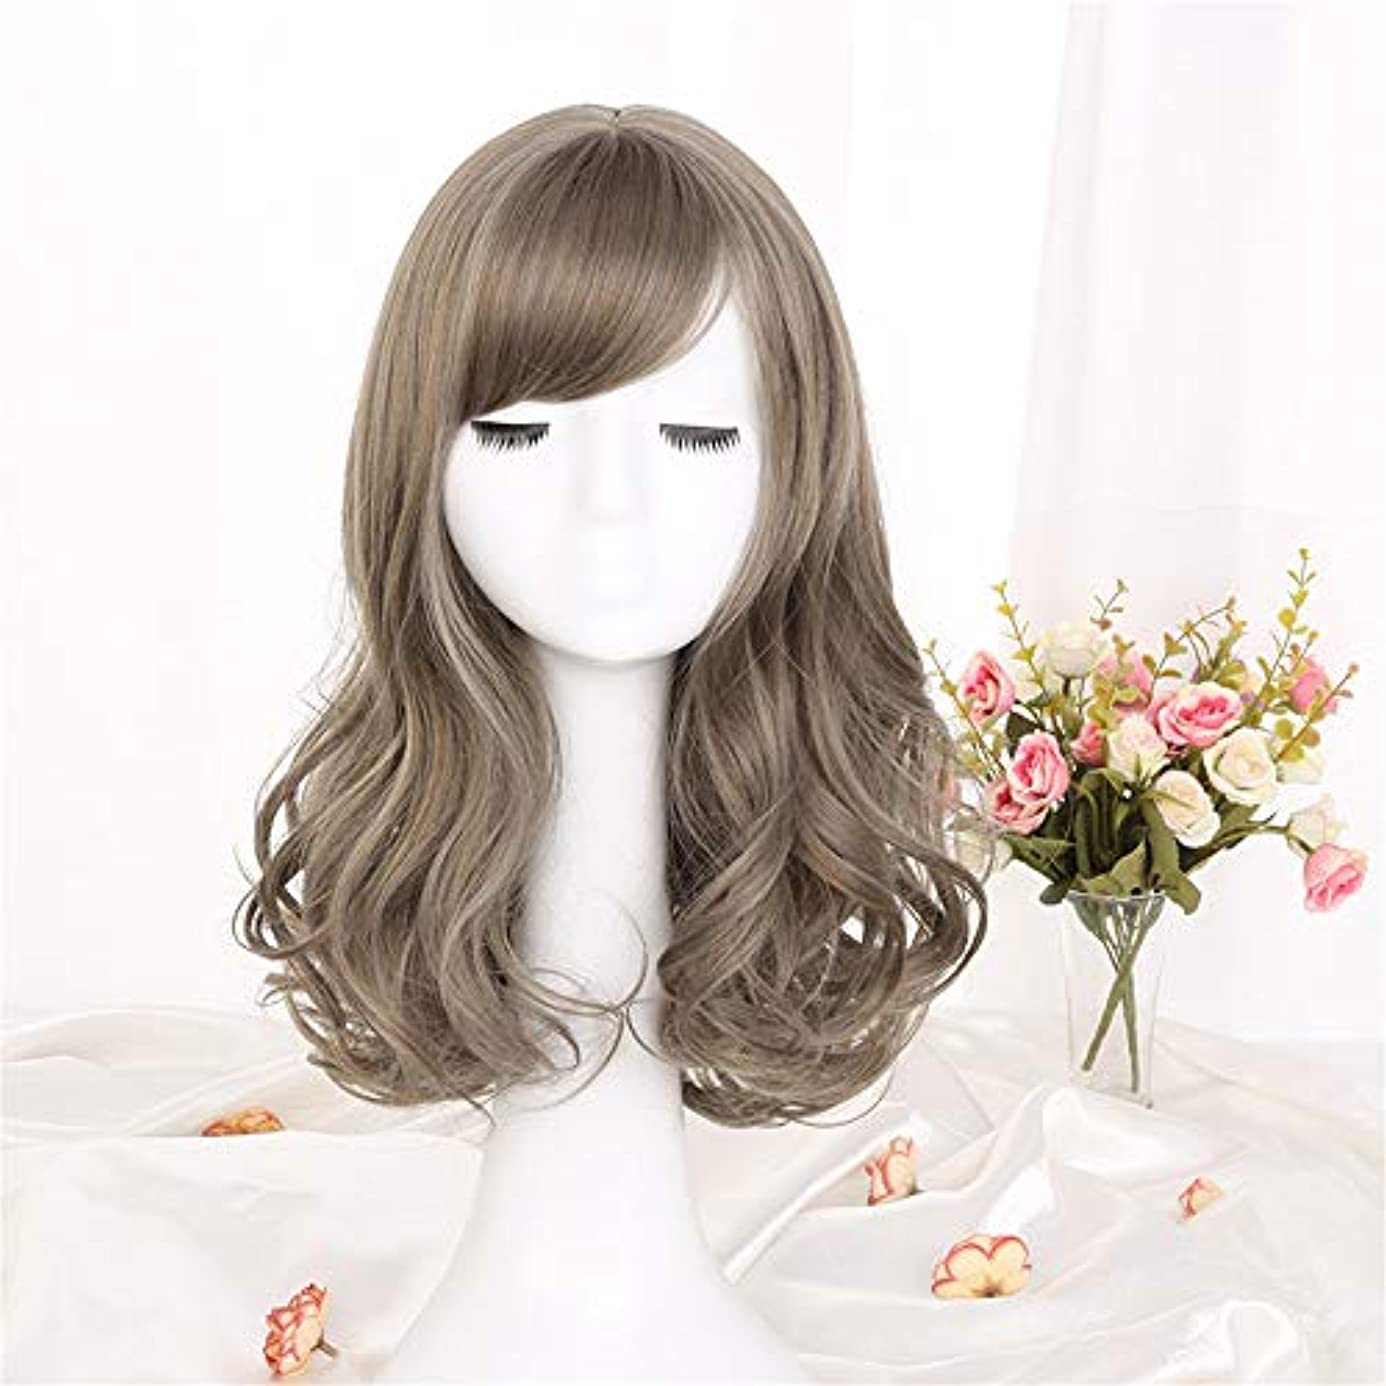 早くグラディスふりをするウィッグ髪化学繊維フードミディアム長波高温合成繊維ウィッグ女性用ウィッググリーンウッドリネンアッシュ42cm